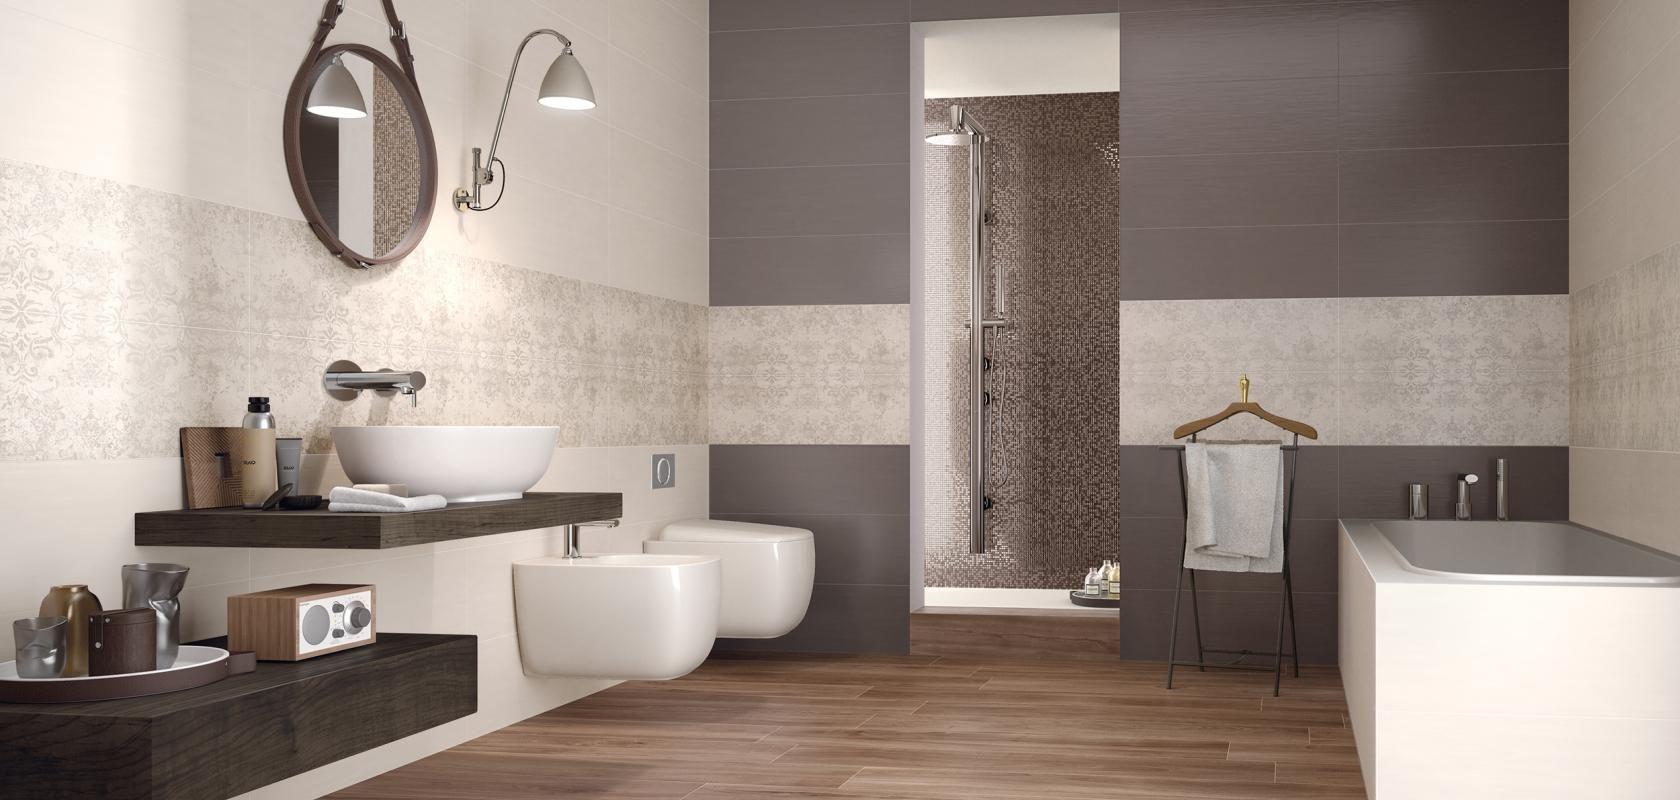 rivestimemti bagno  Pavimenti Rivestimenti Bagno Mattonelle e Piastrelle per Bagni